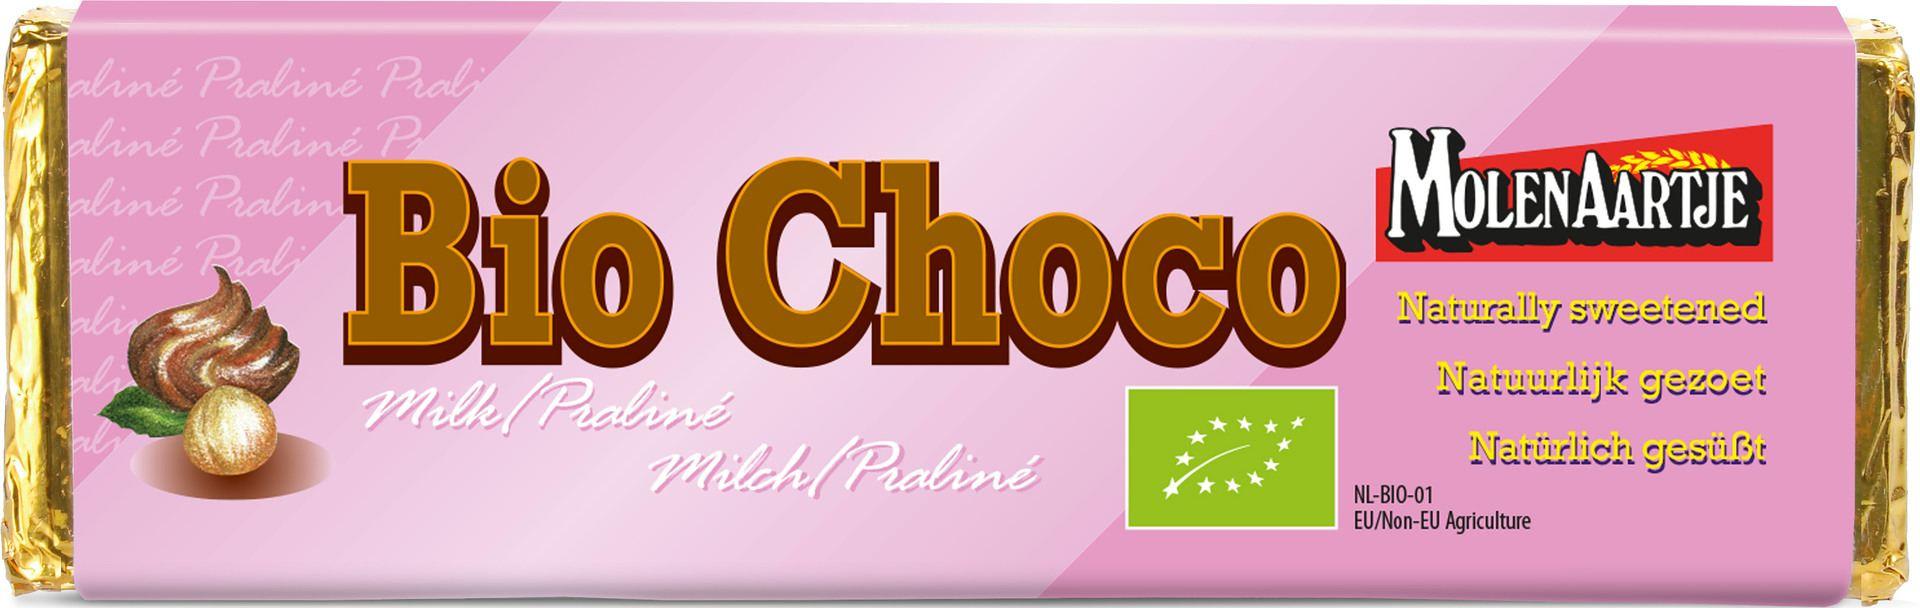 Biologische Molenaartje Melkchocolade - praliné 65 gr